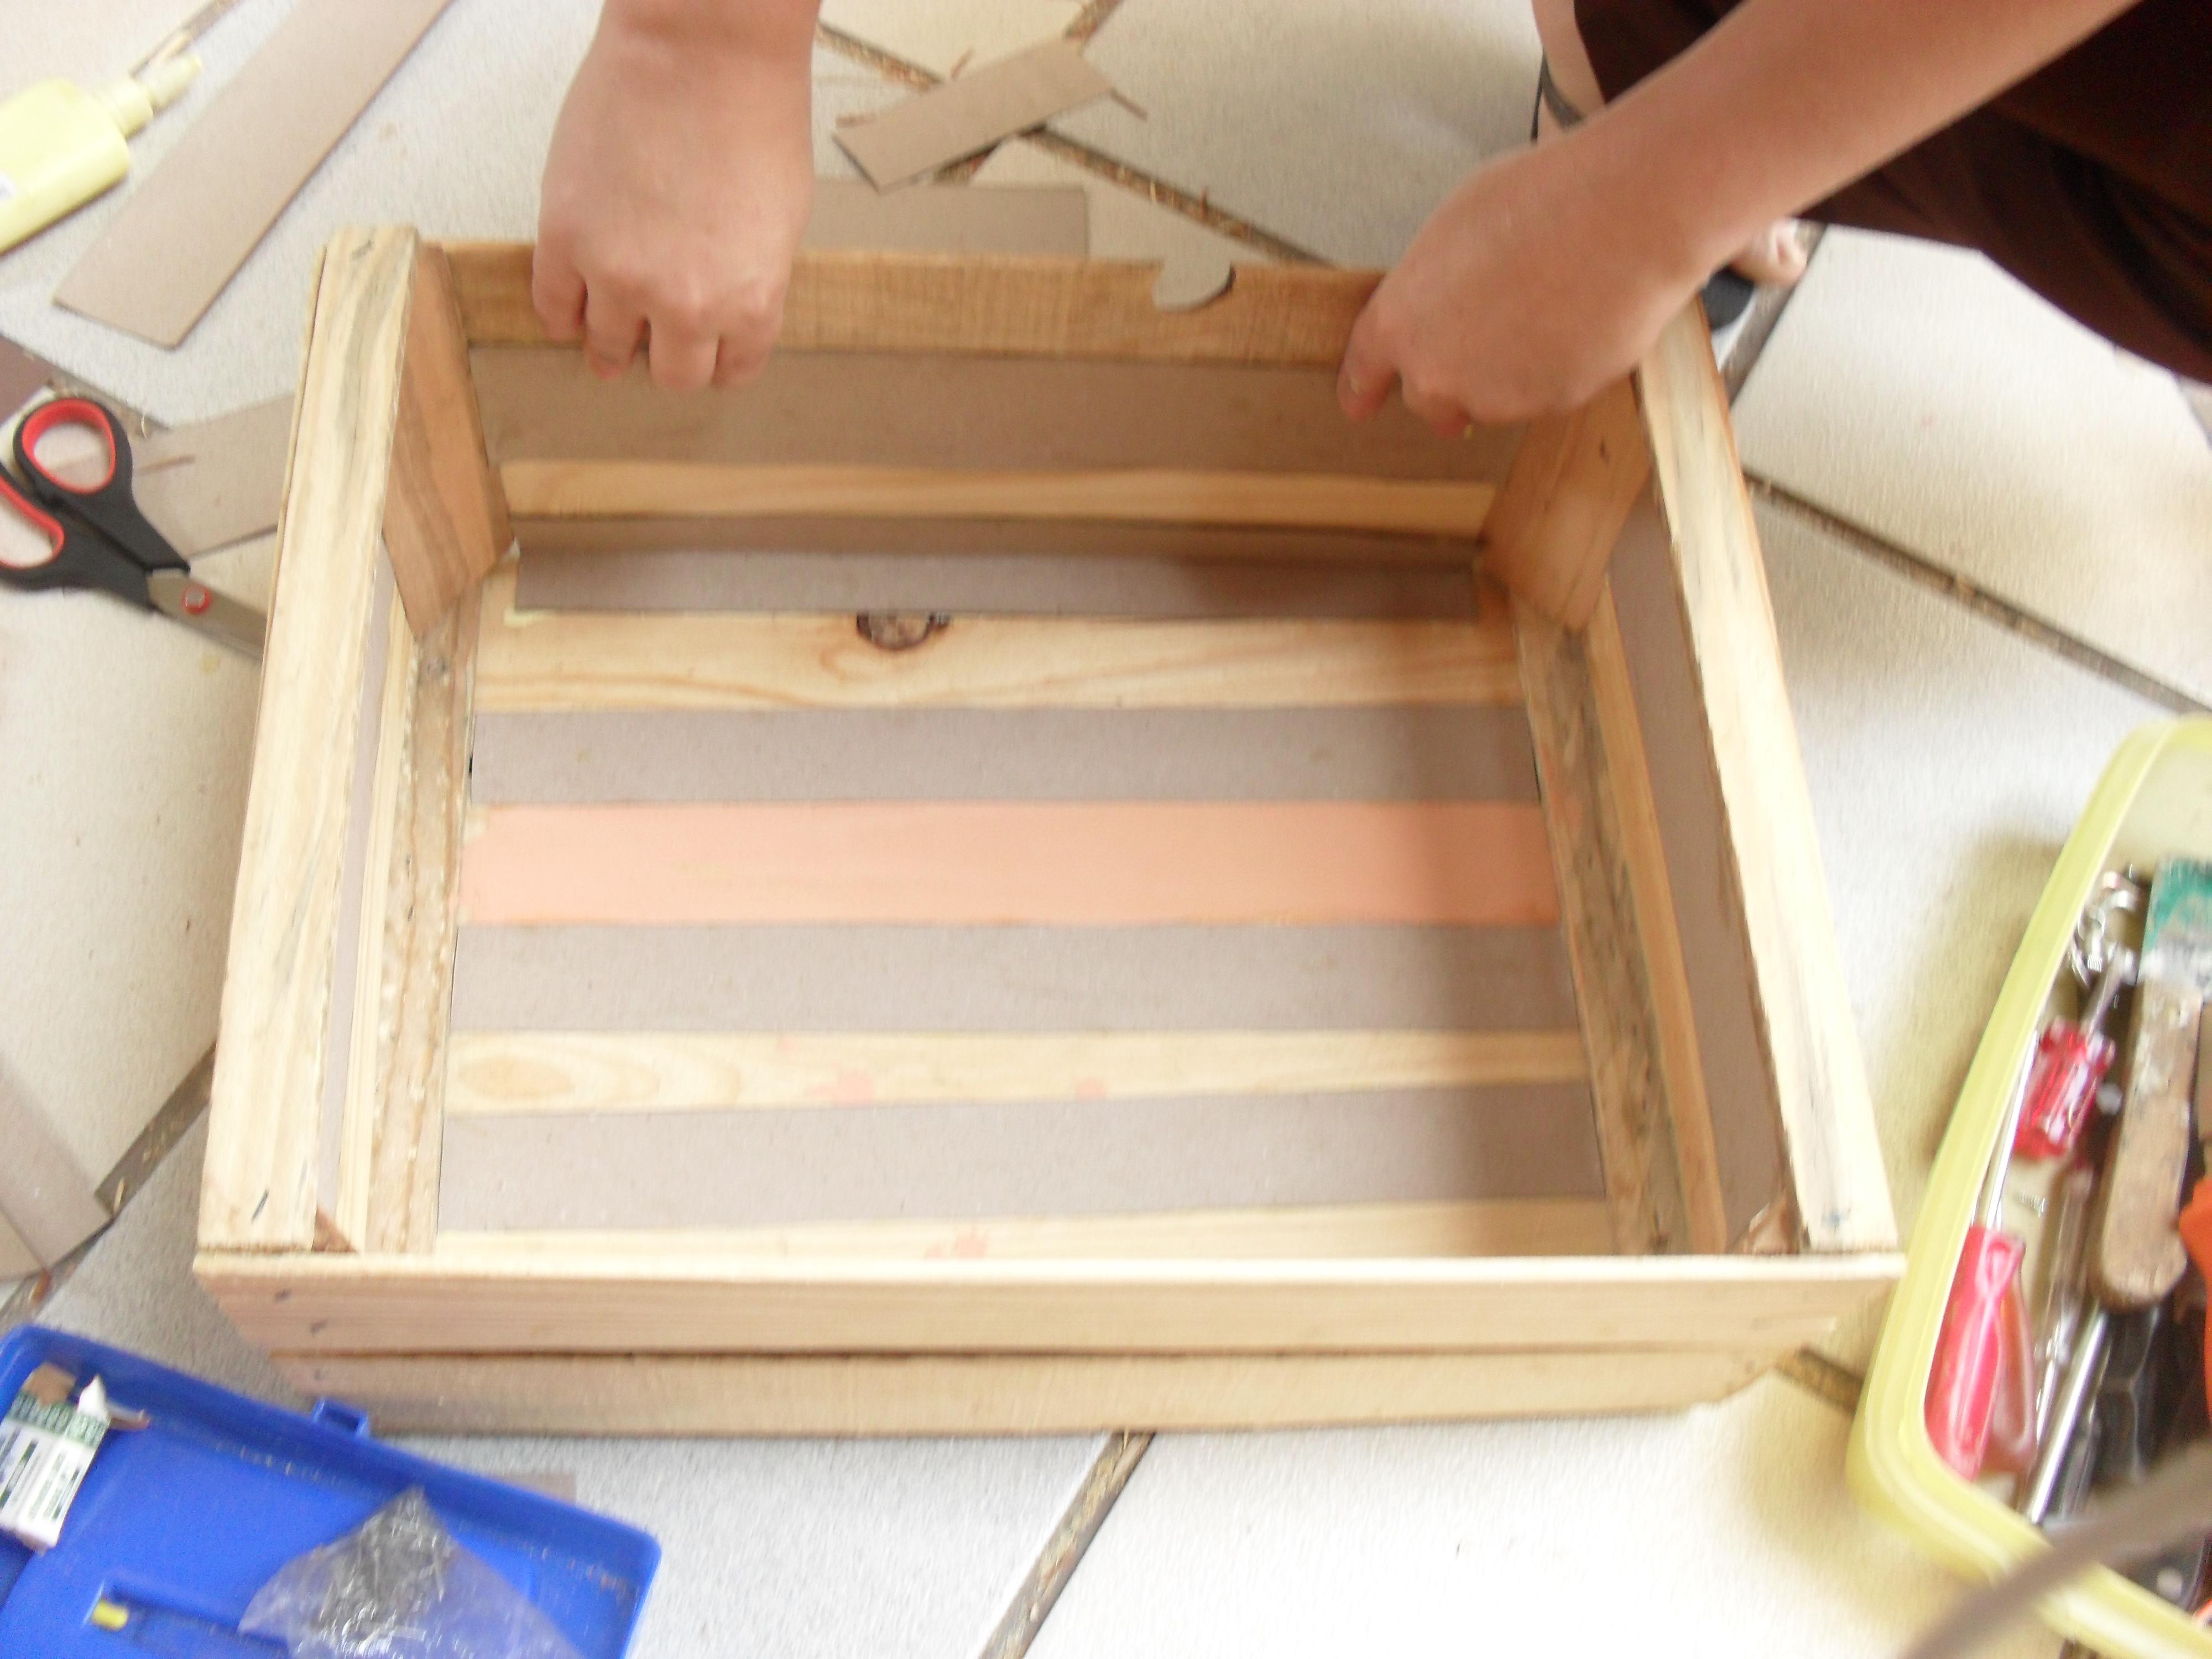 Banquinho de leitura de caixa de madeira reciclável Historiarte  #1E44AD 4000x3000